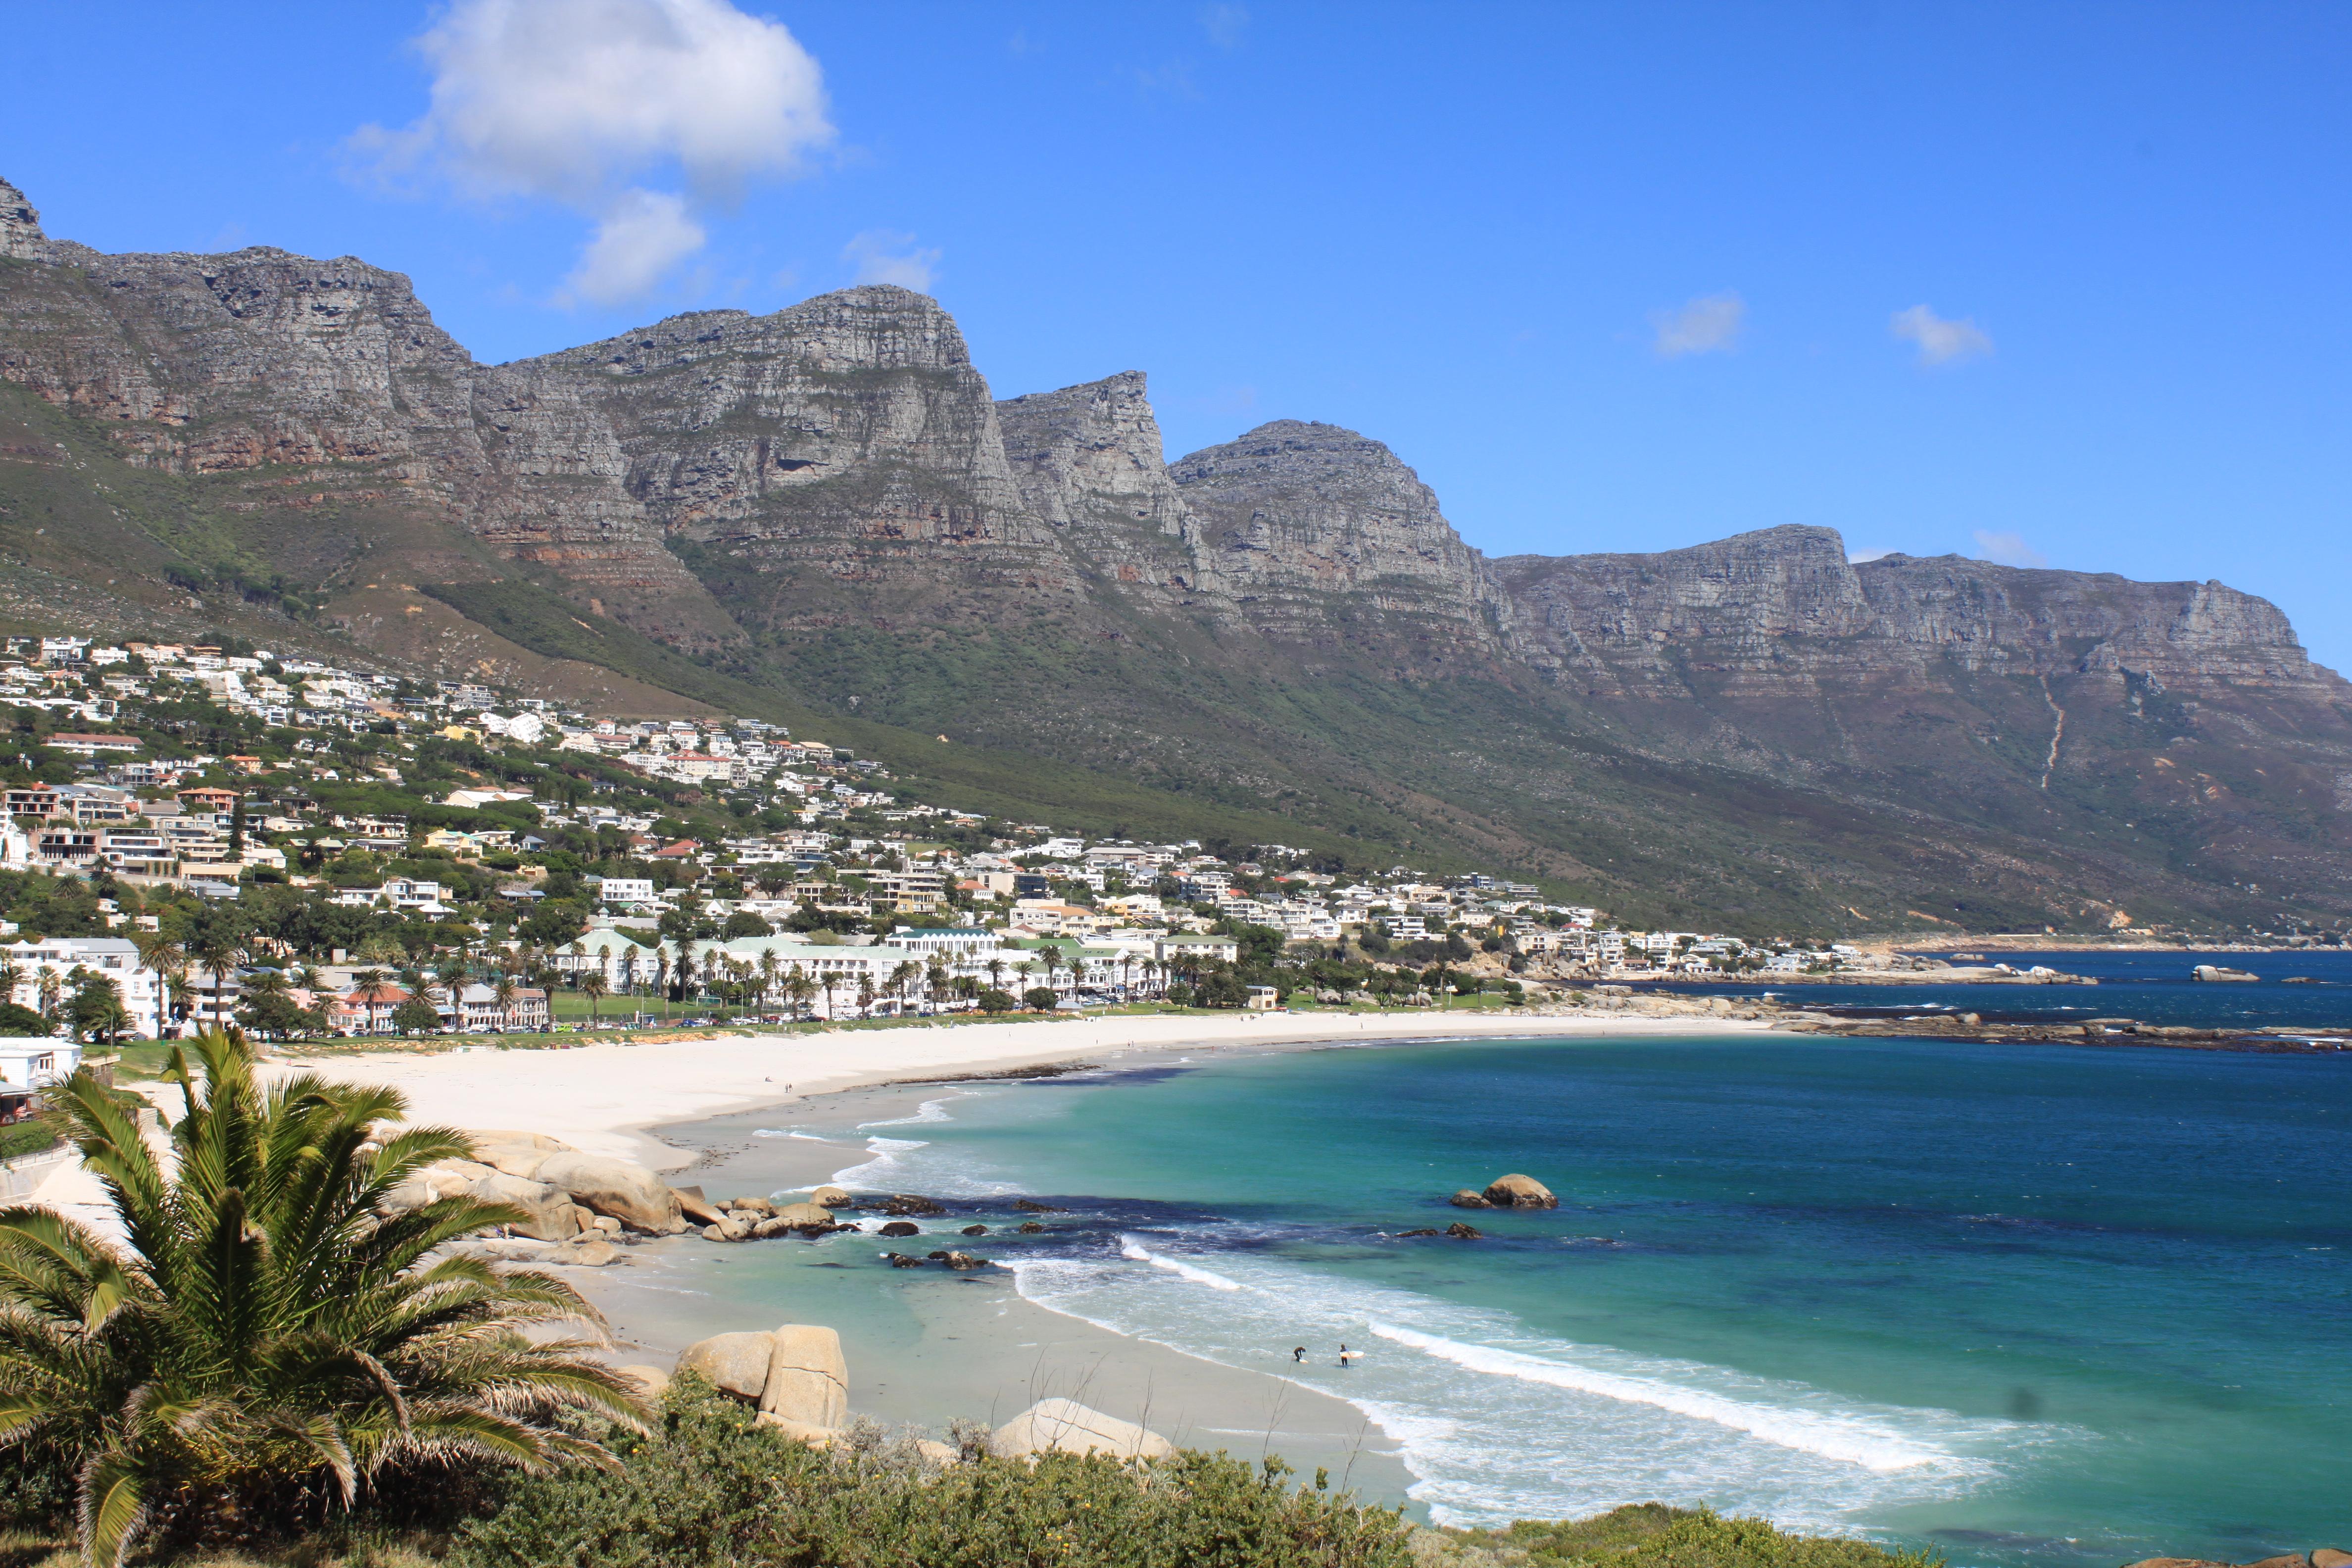 Twaalf apostelen Kaapstad